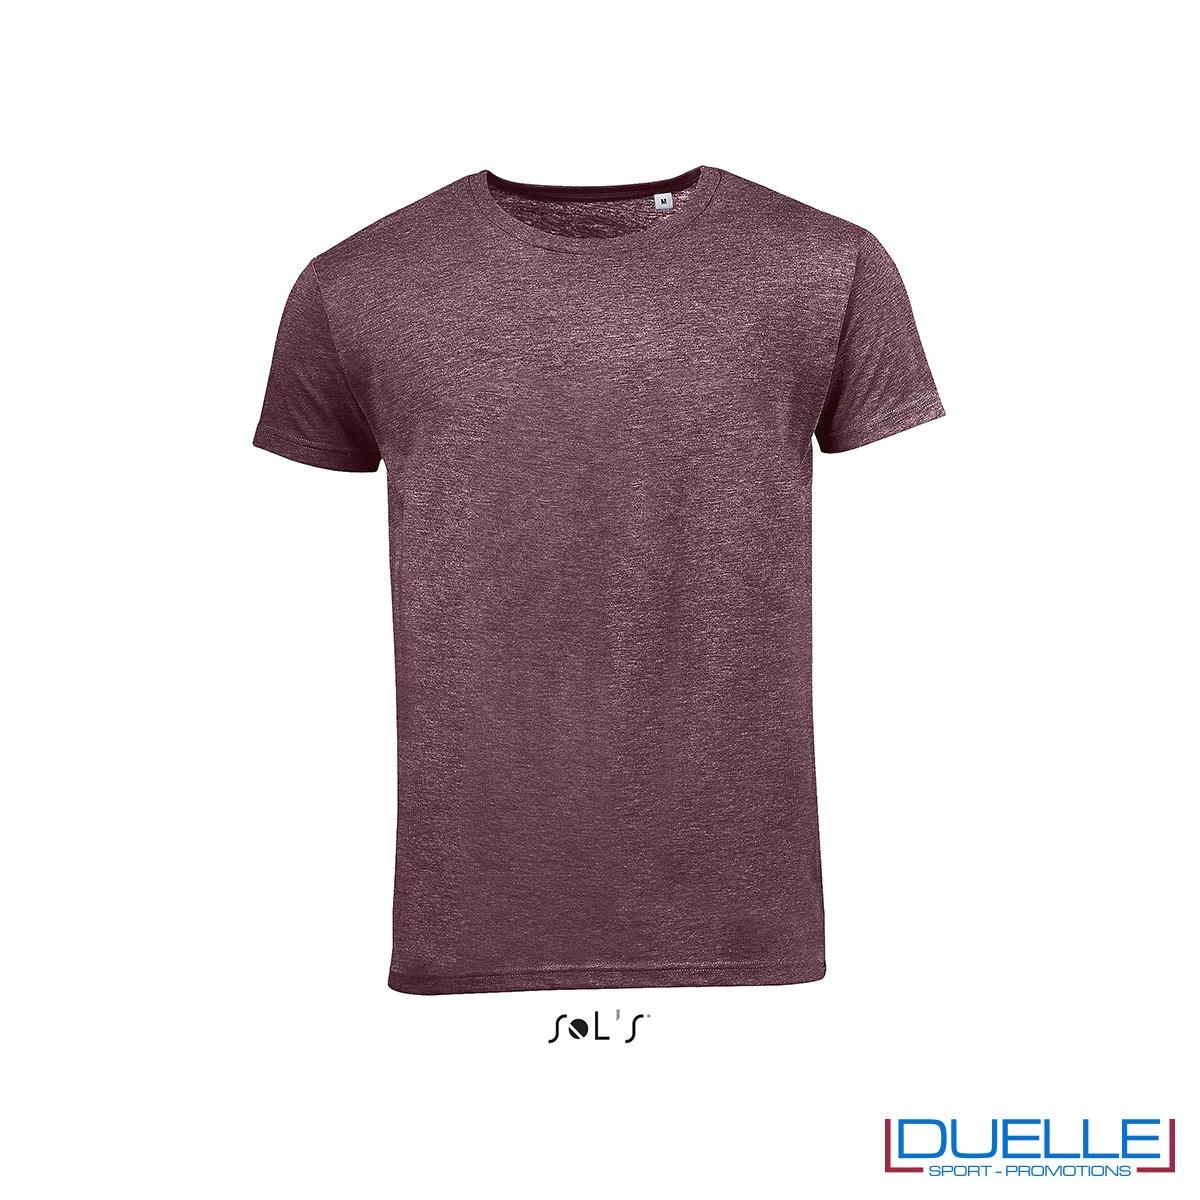 t-shirt personalizzata con tessuto melange in colore bordeaux, abbigliamento promozionale personalizzato